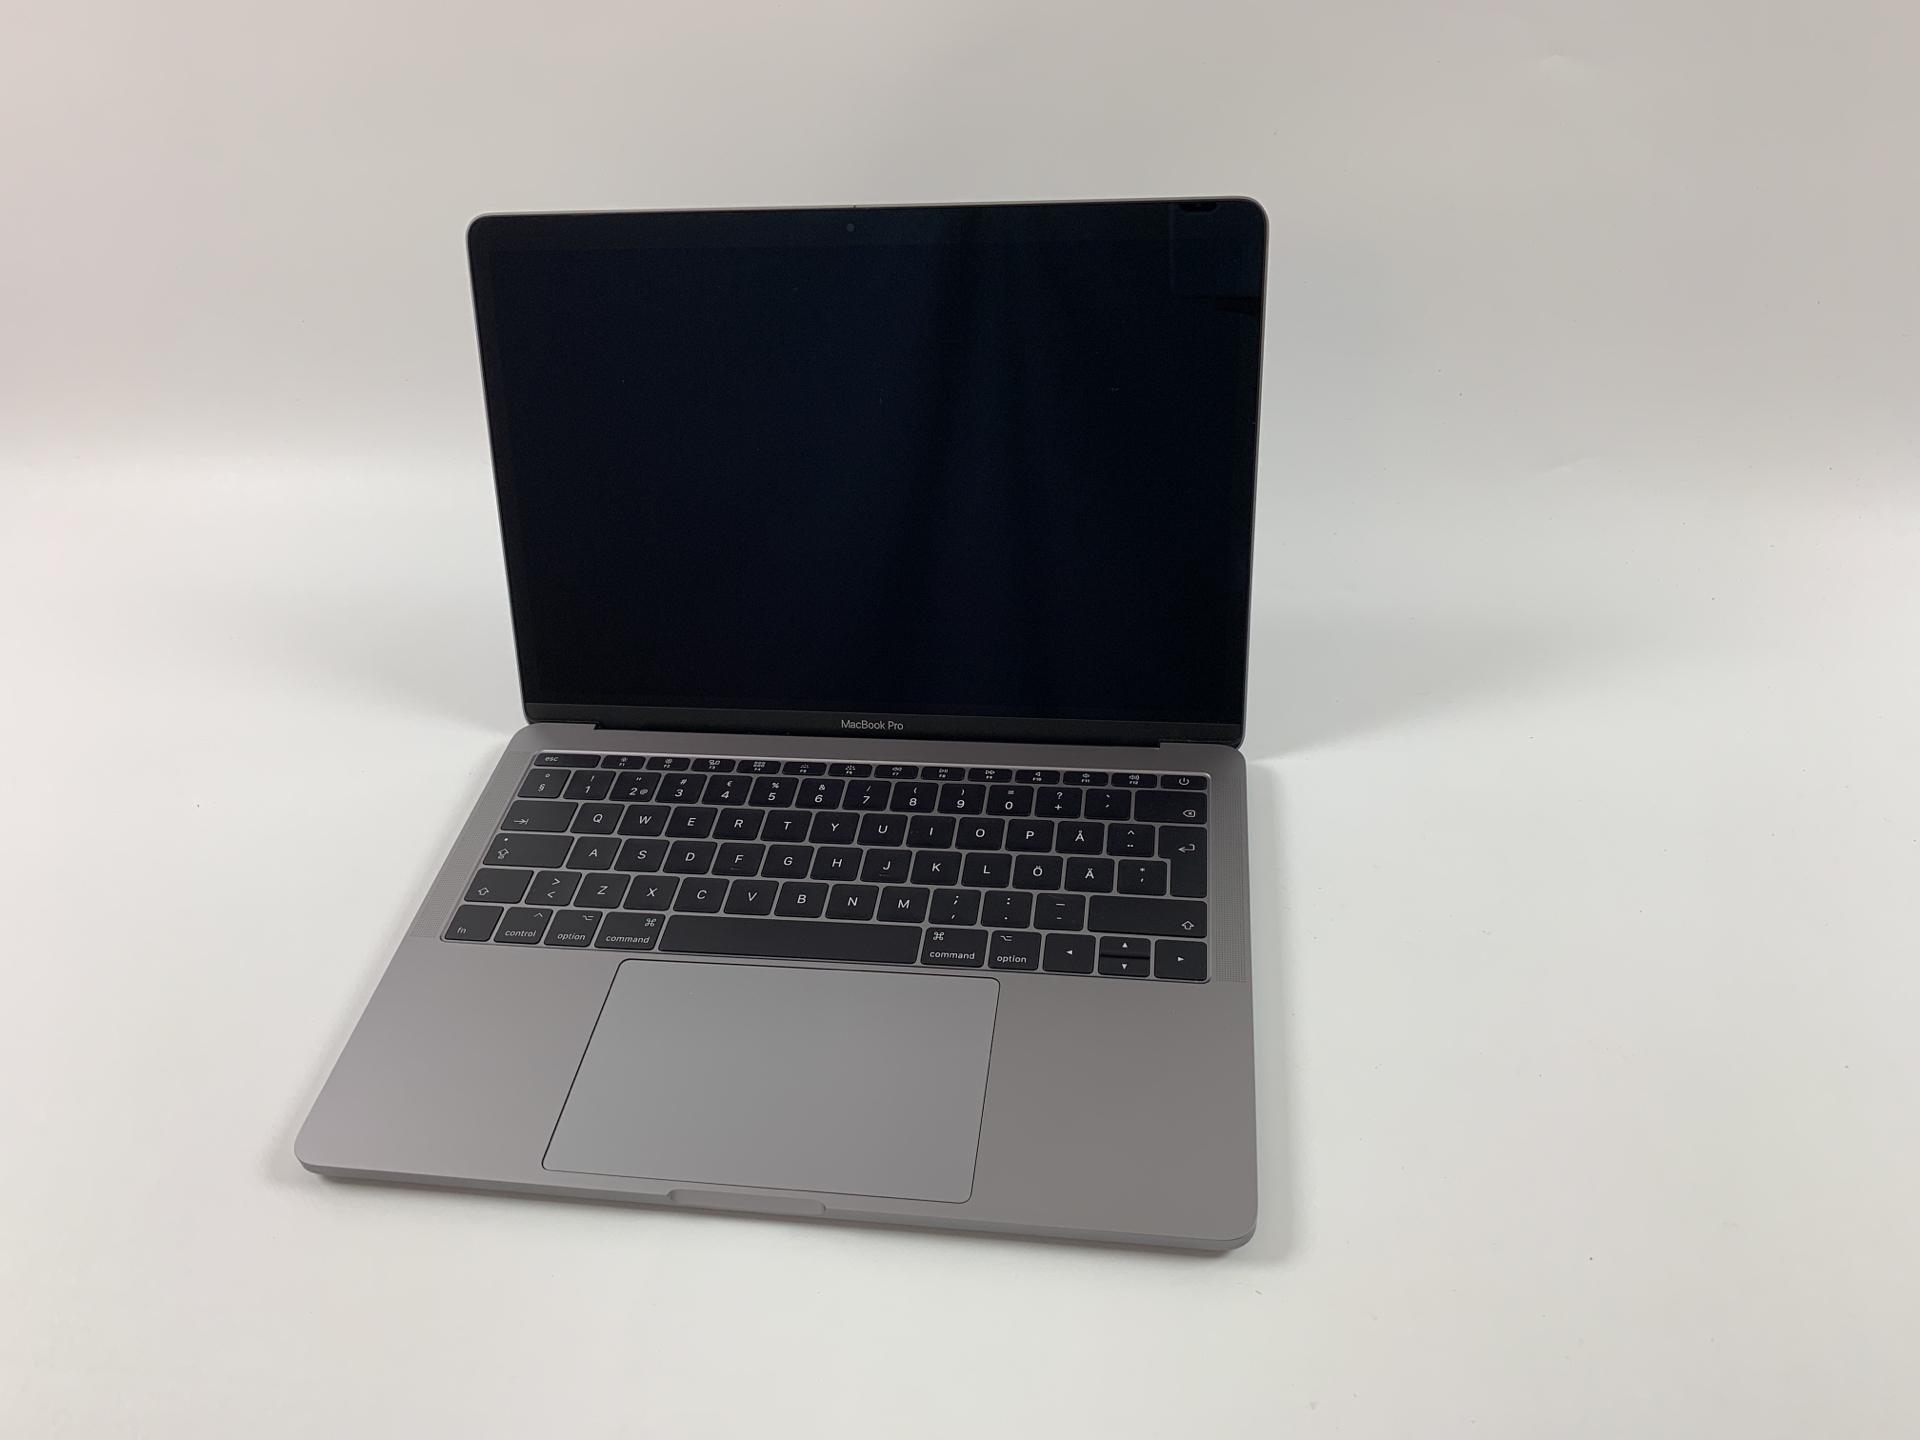 """MacBook Pro 13"""" 2TBT Mid 2017 (Intel Core i5 2.3 GHz 8 GB RAM 128 GB SSD), Space Gray, Intel Core i5 2.3 GHz, 8 GB RAM, 128 GB SSD, bild 1"""